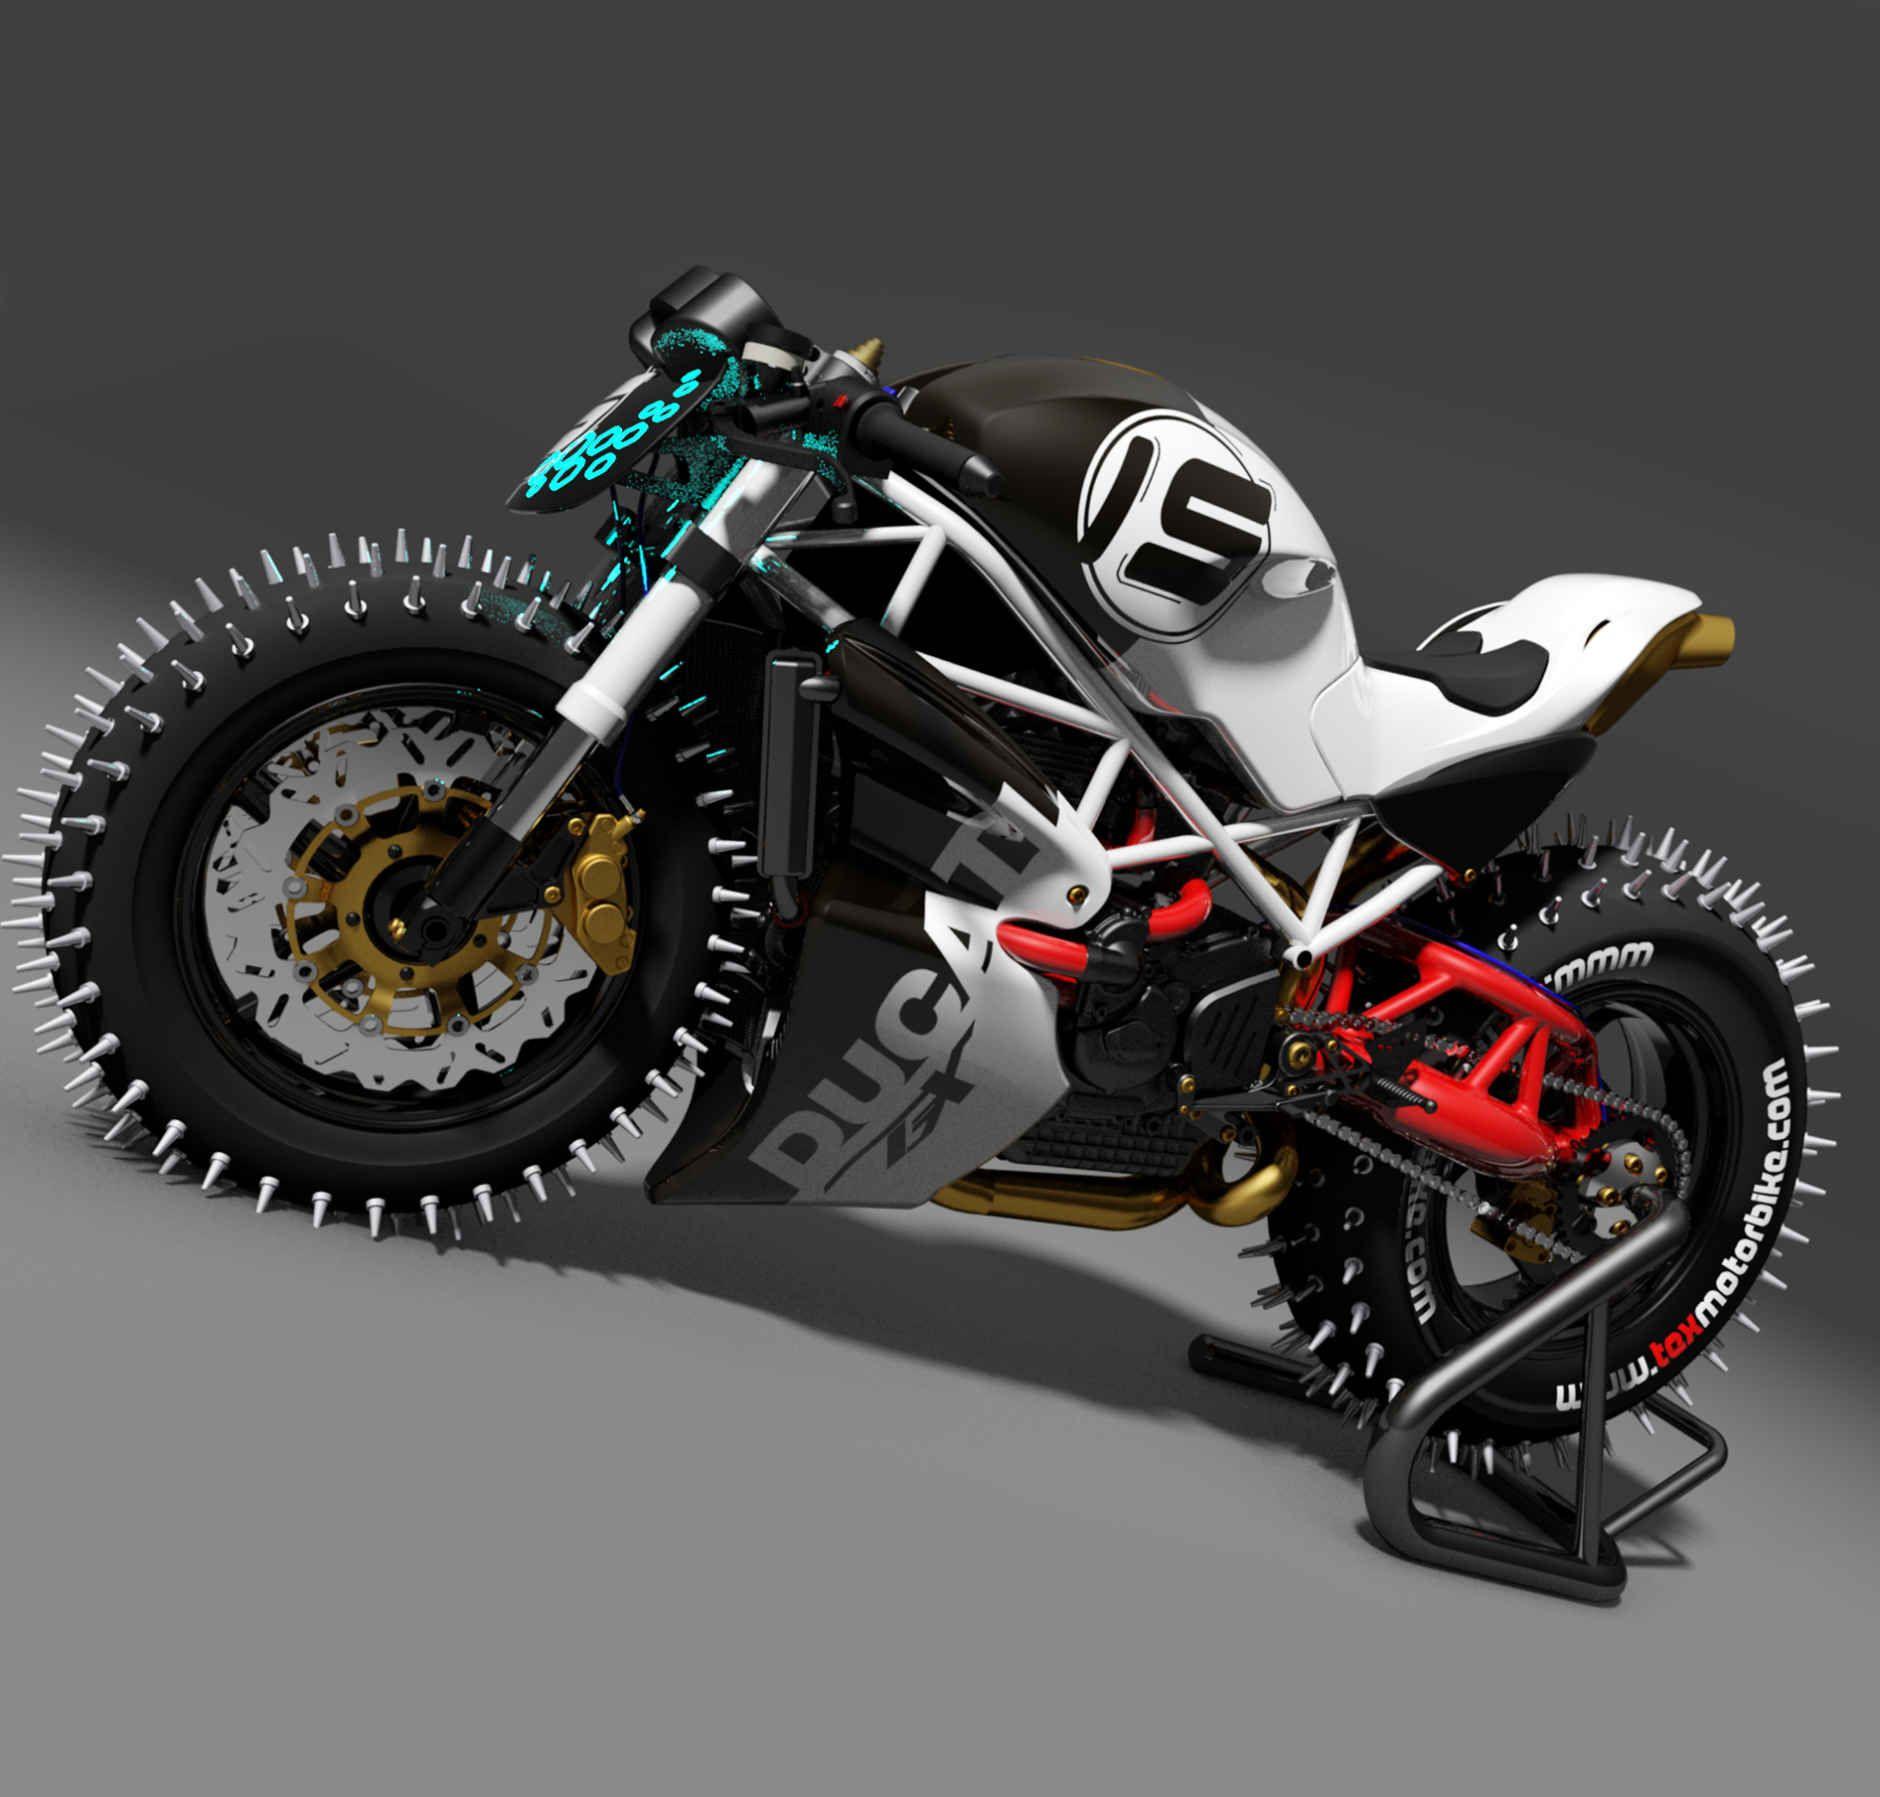 Монстры мотоциклы картинки